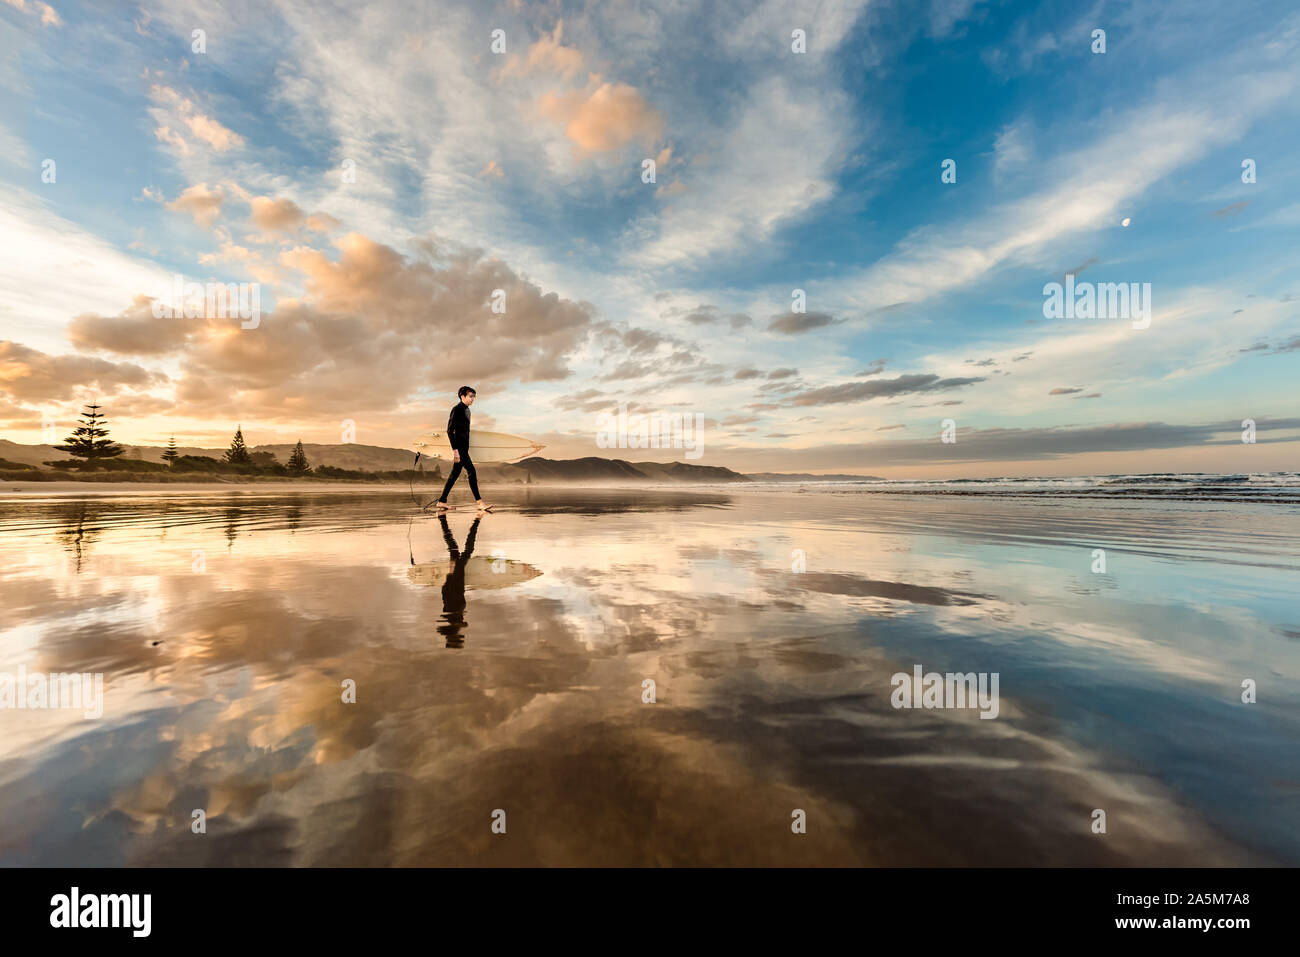 L'adolescent qui surf sur une plage en Nouvelle-Zélande au coucher du soleil Banque D'Images